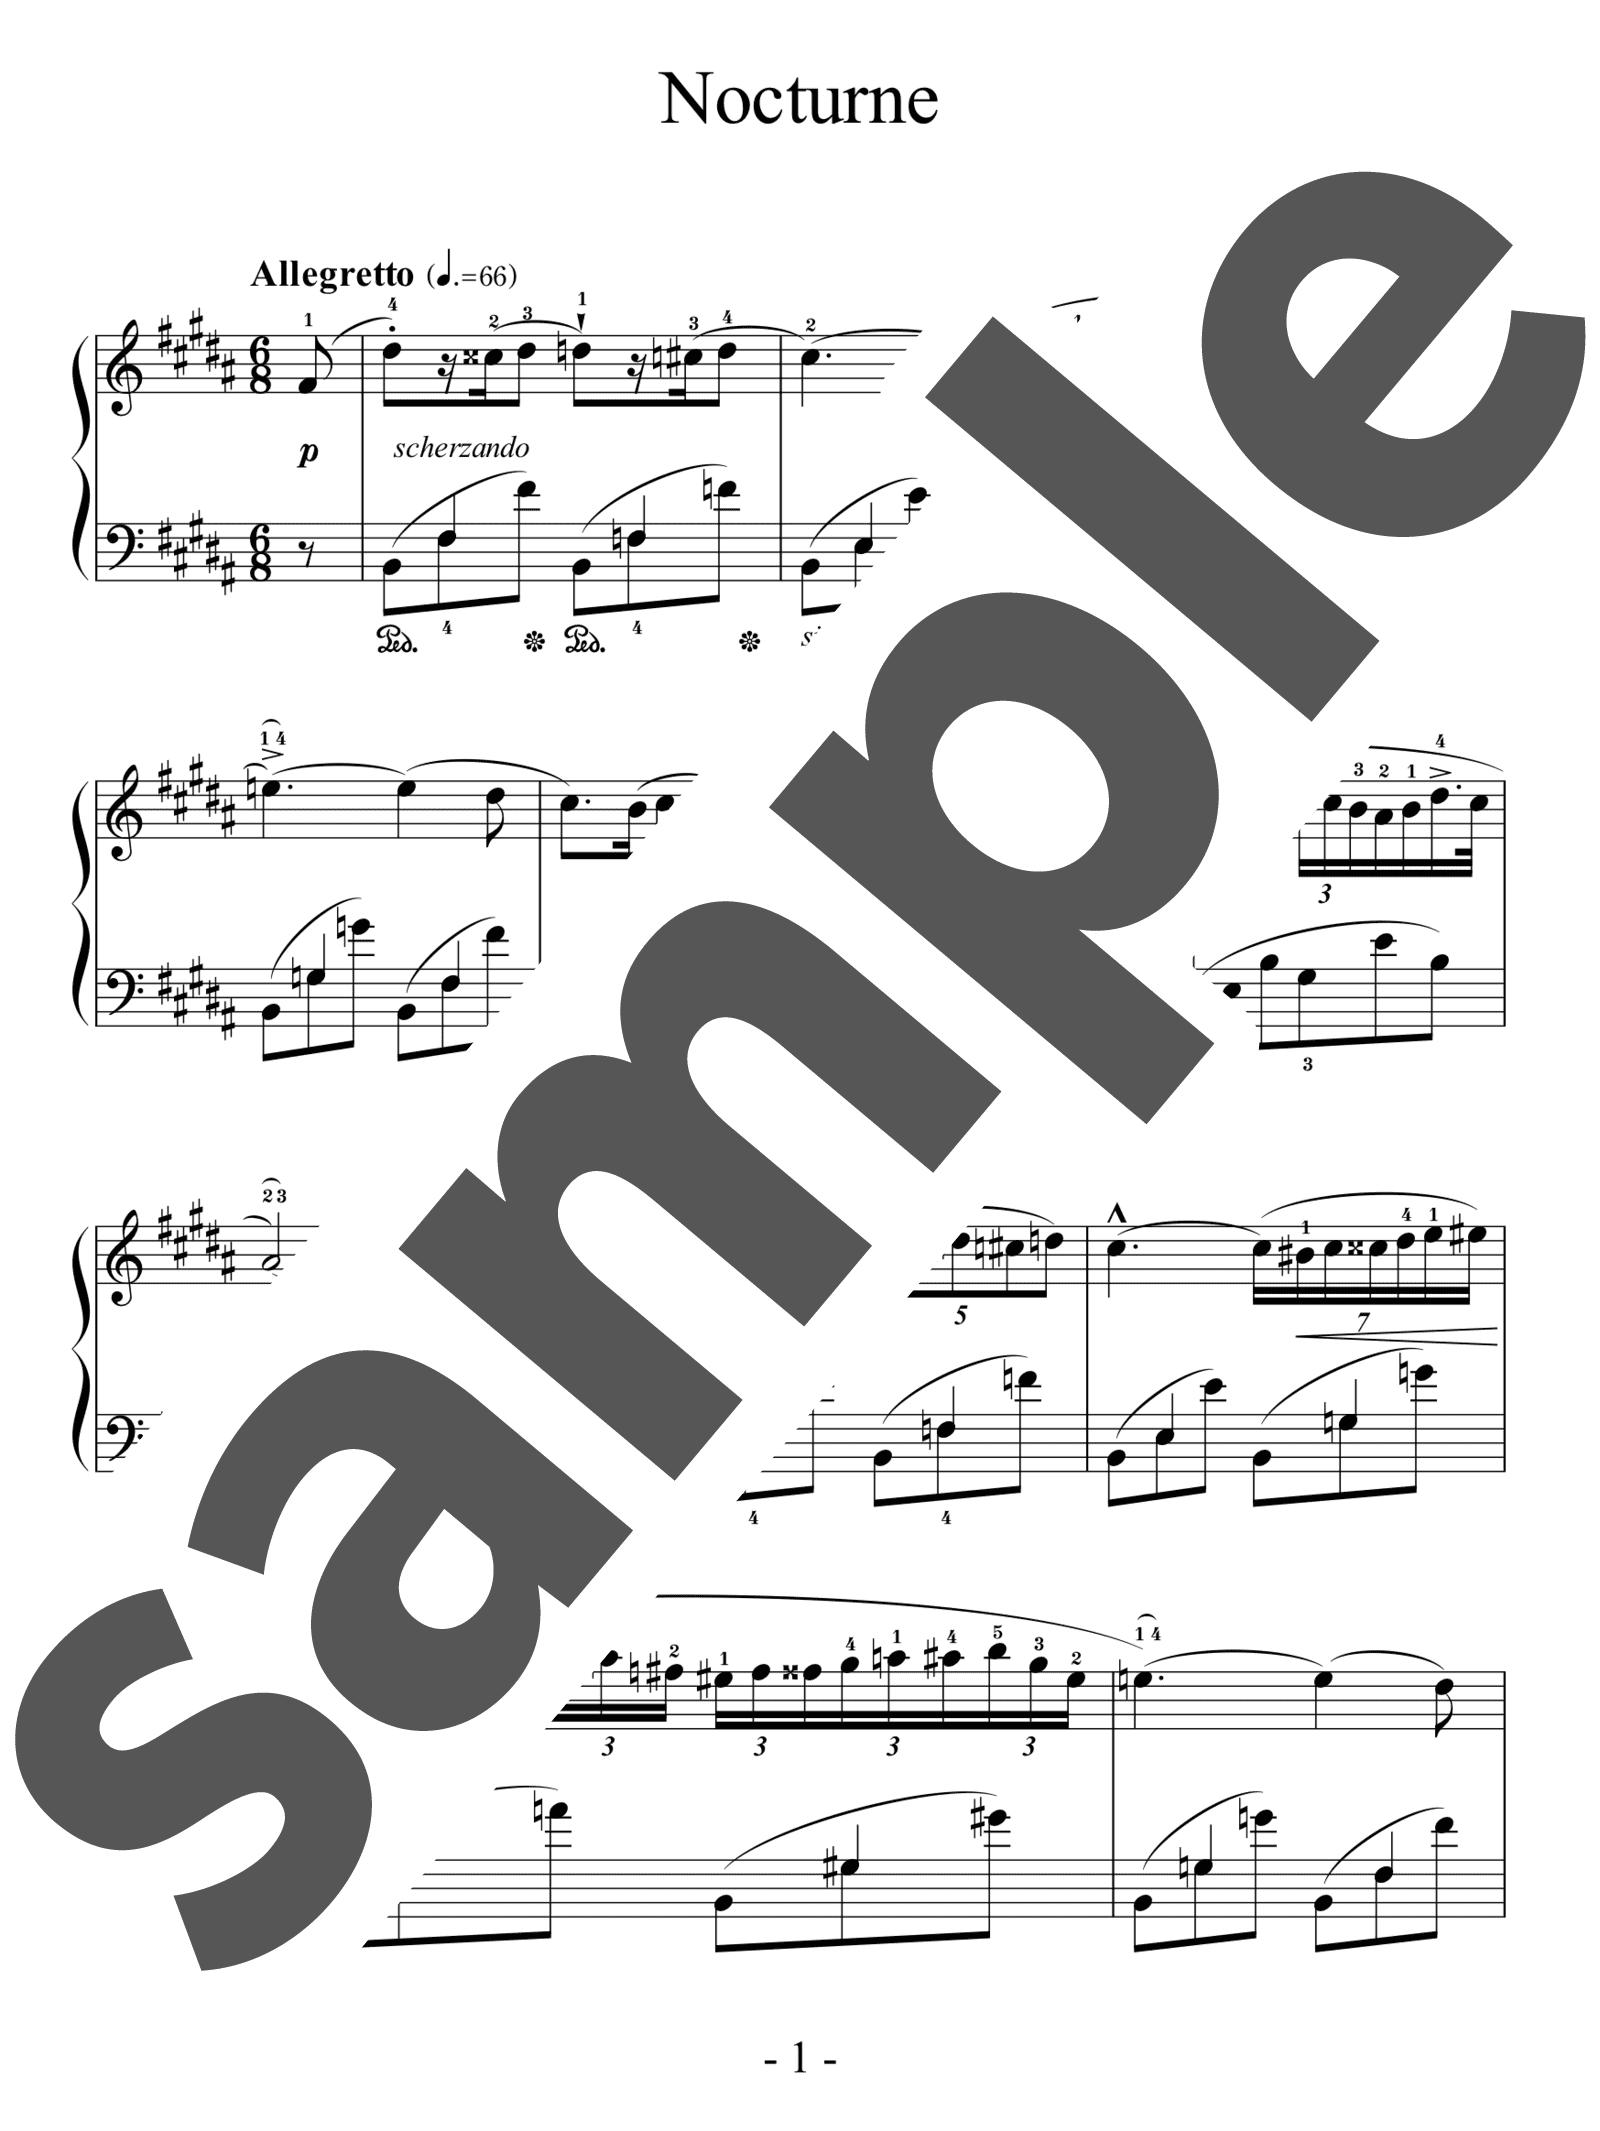 「ノクターン 第3番 ロ長調」のサンプル楽譜